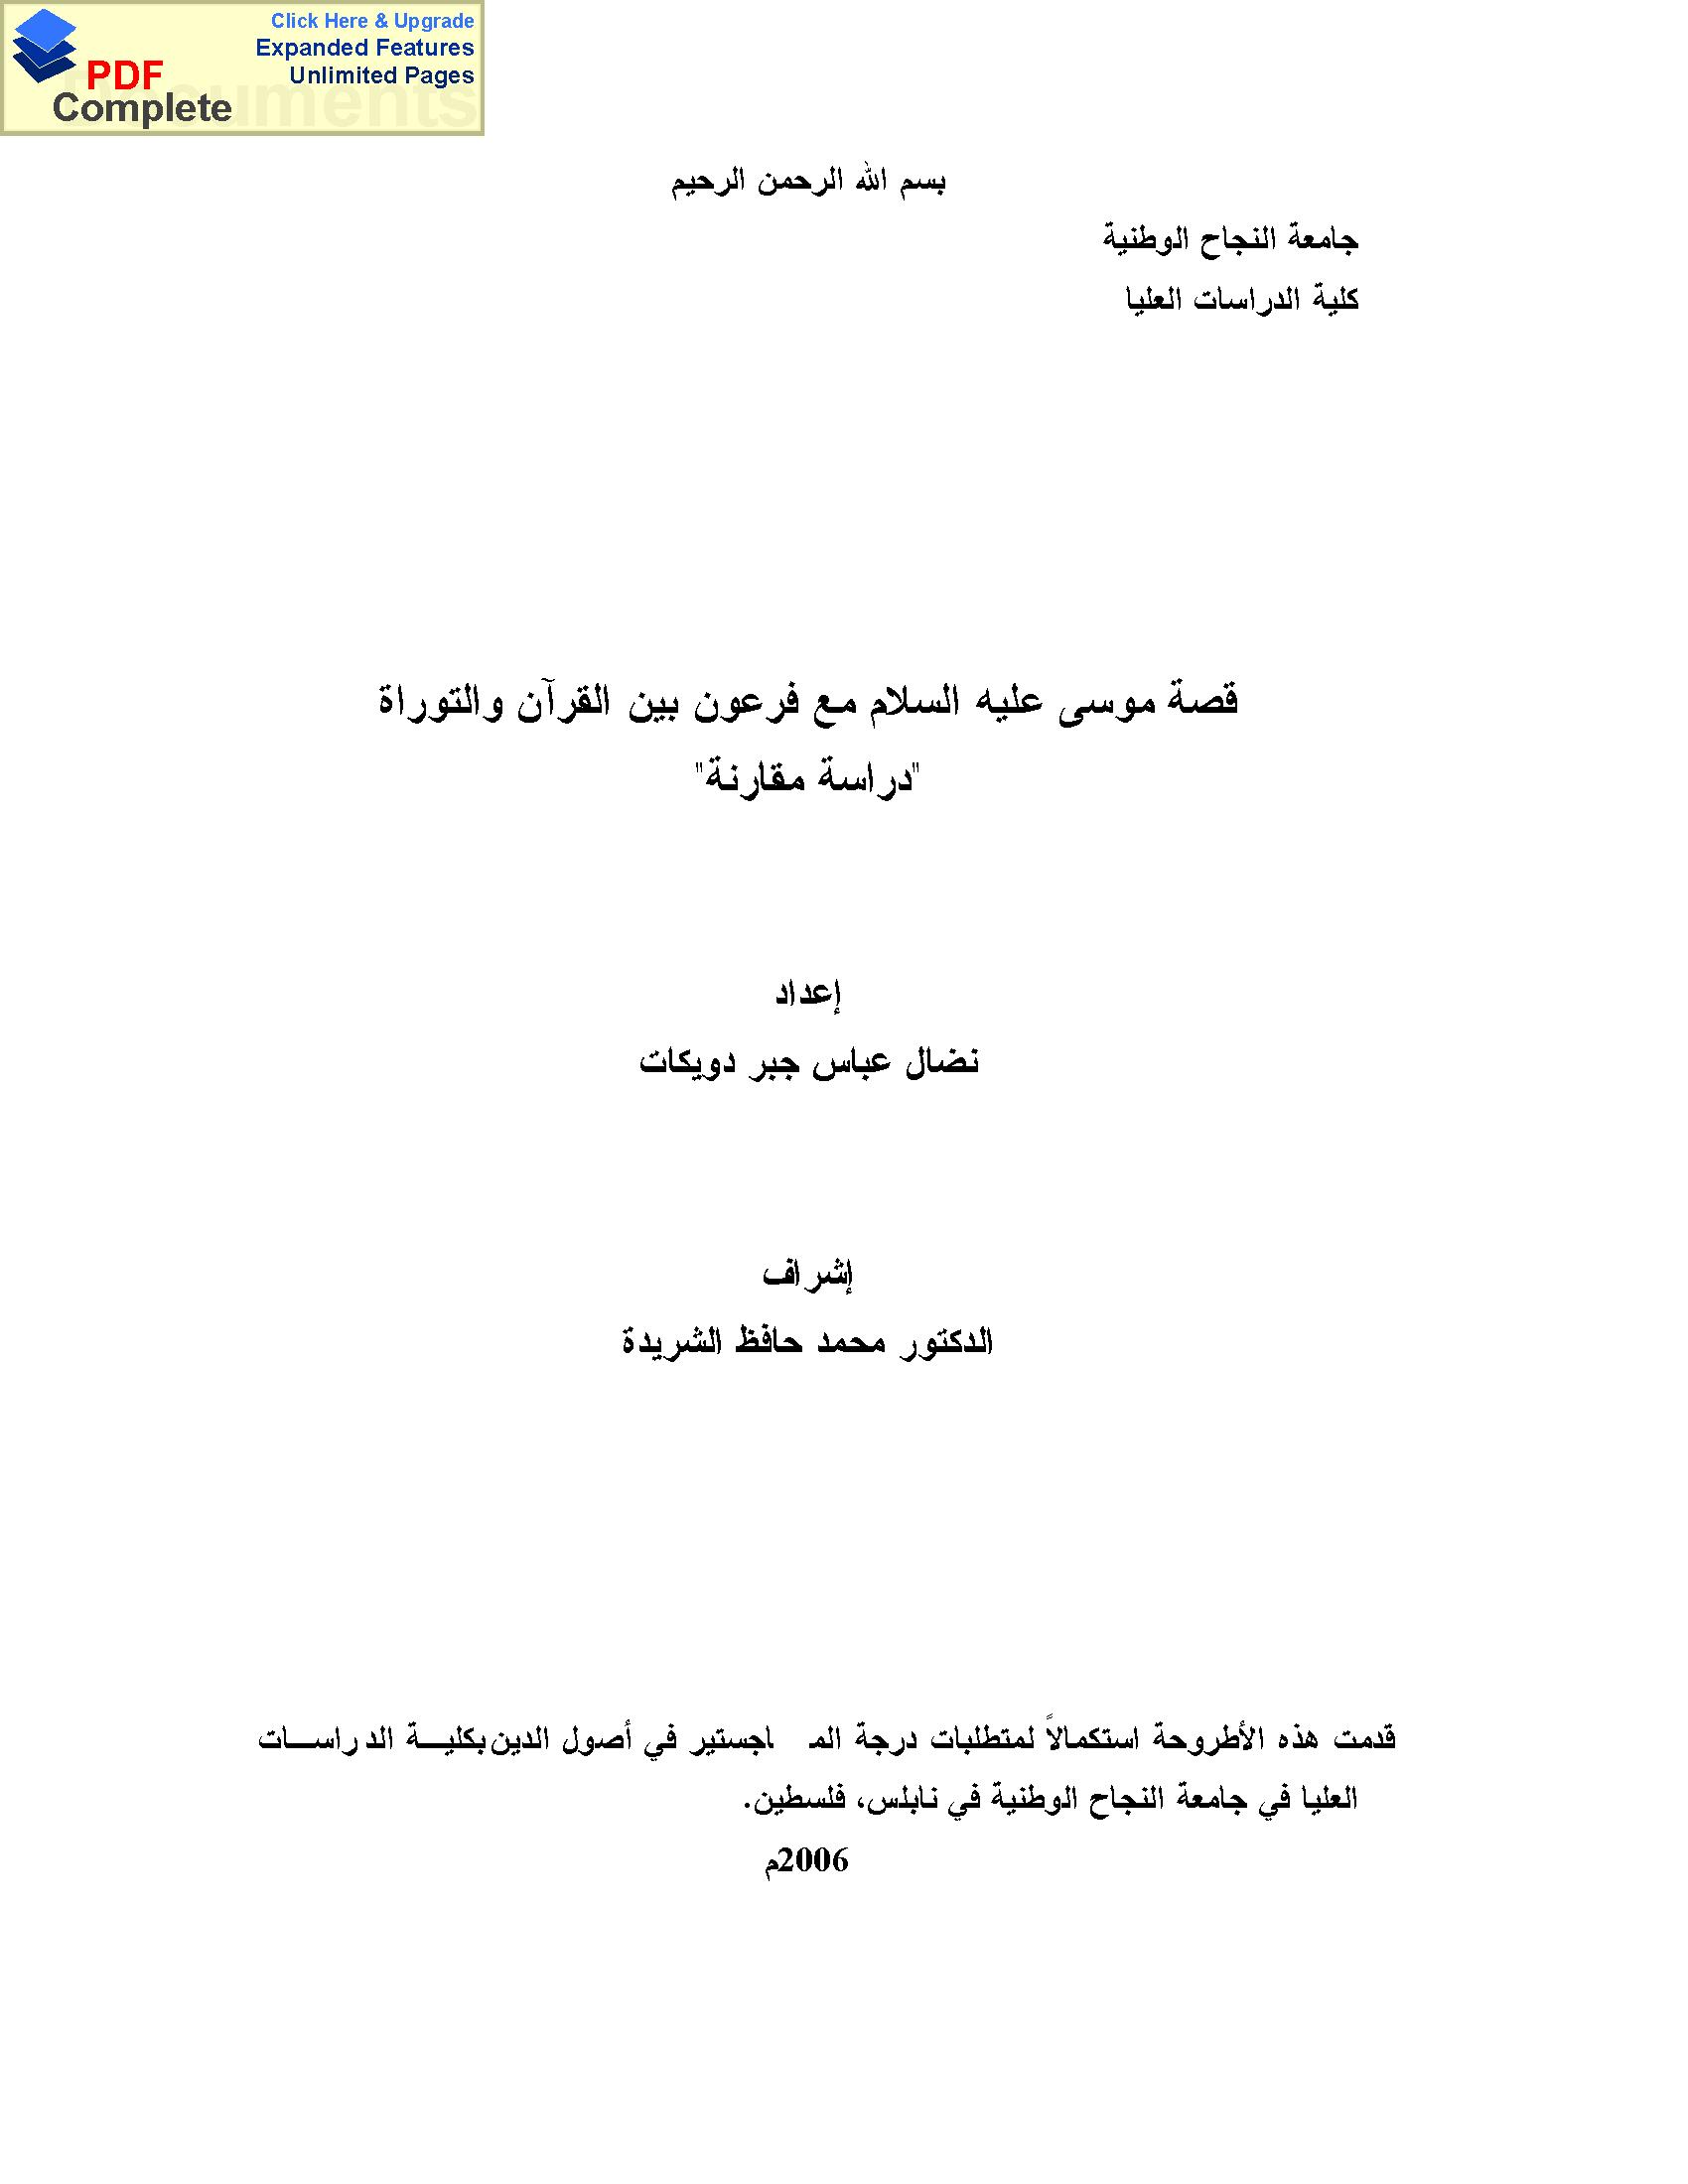 تحميل كتاب قصة موسى عليه السلام مع فرعون بين القرآن والتوراة (دراسة مقارنة) لـِ: نضال عباس جبر دويكات